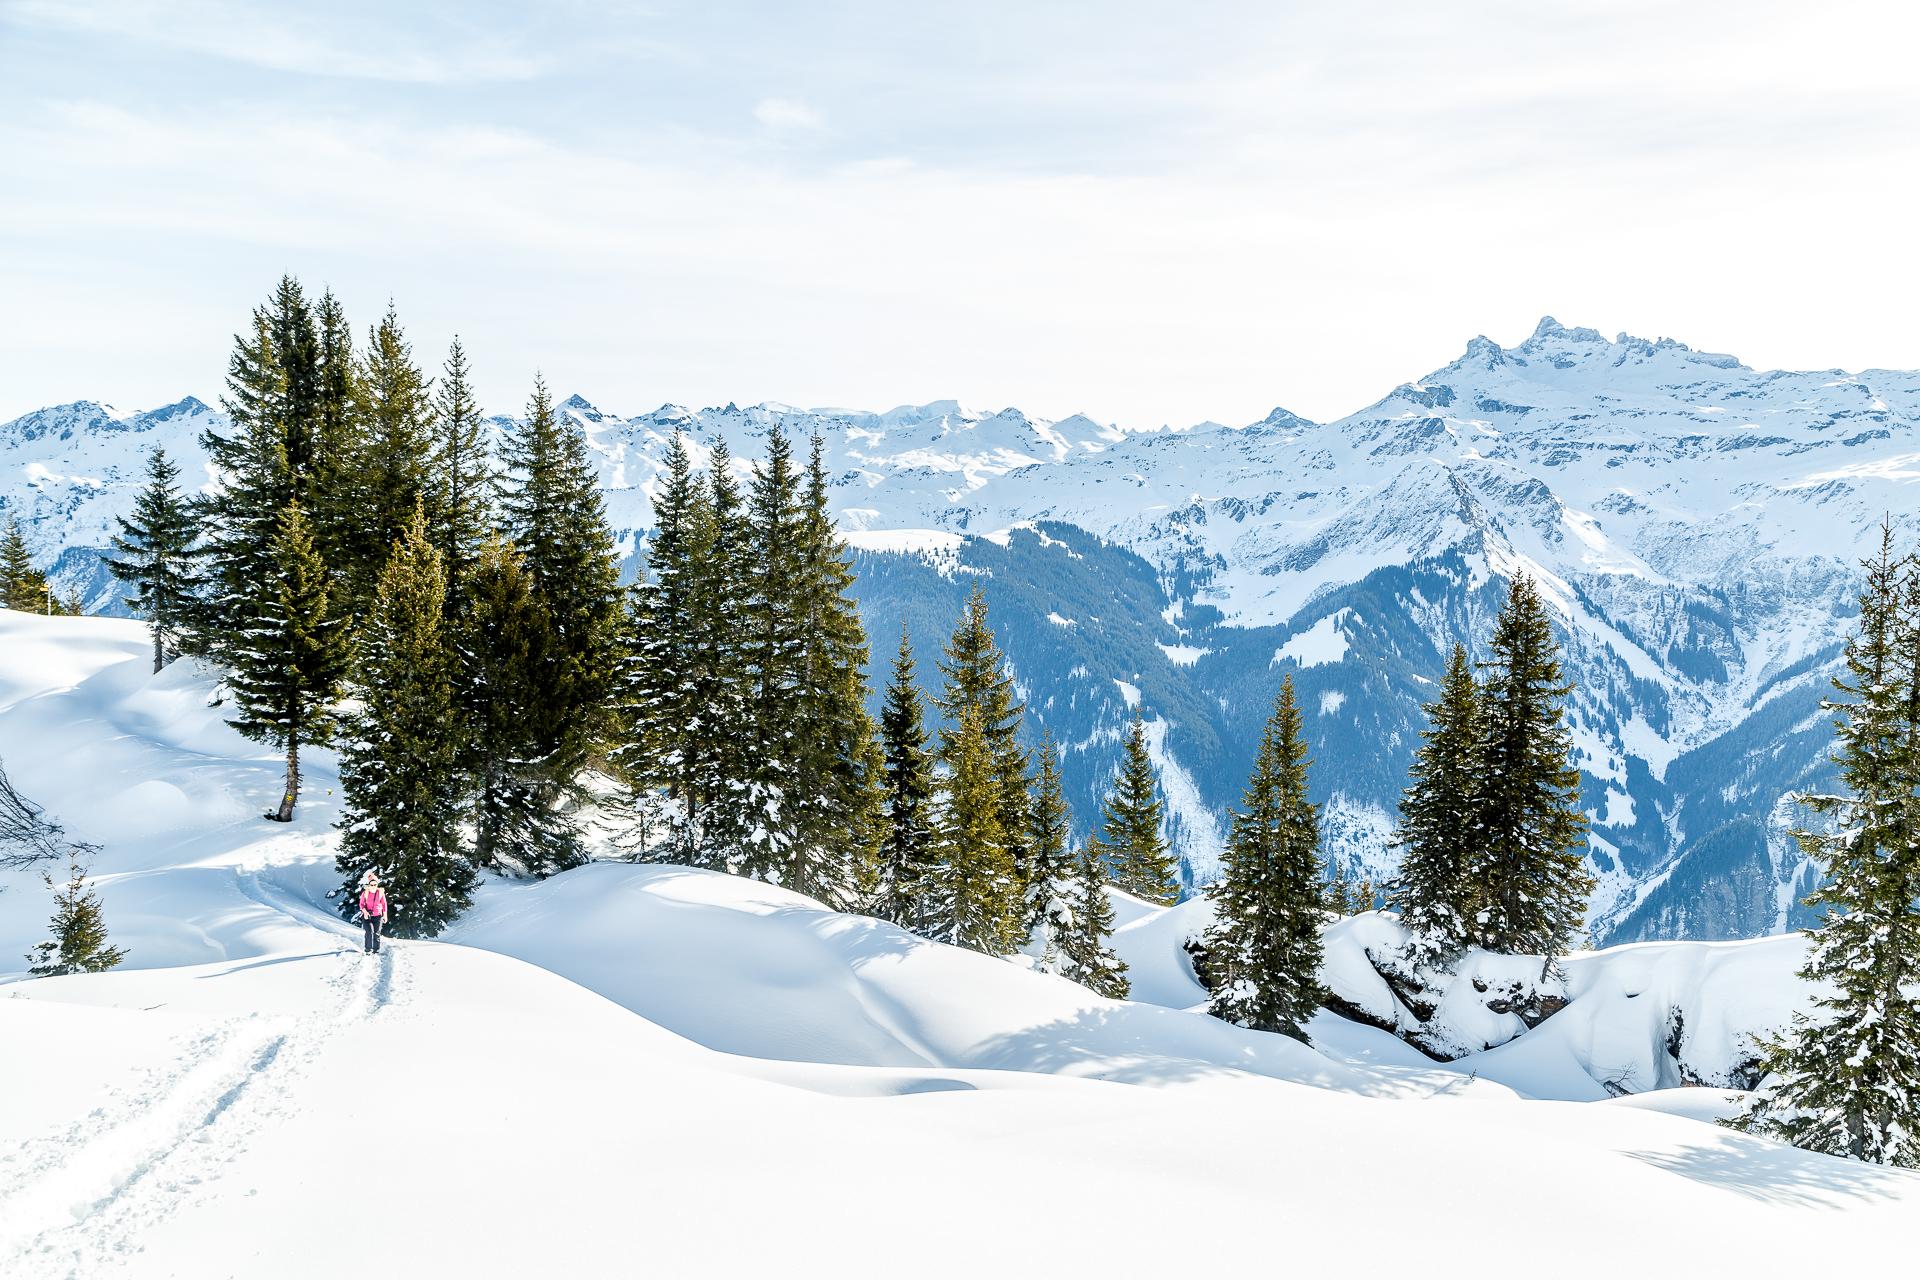 Panorwama-Winterwanderung-Braunwald